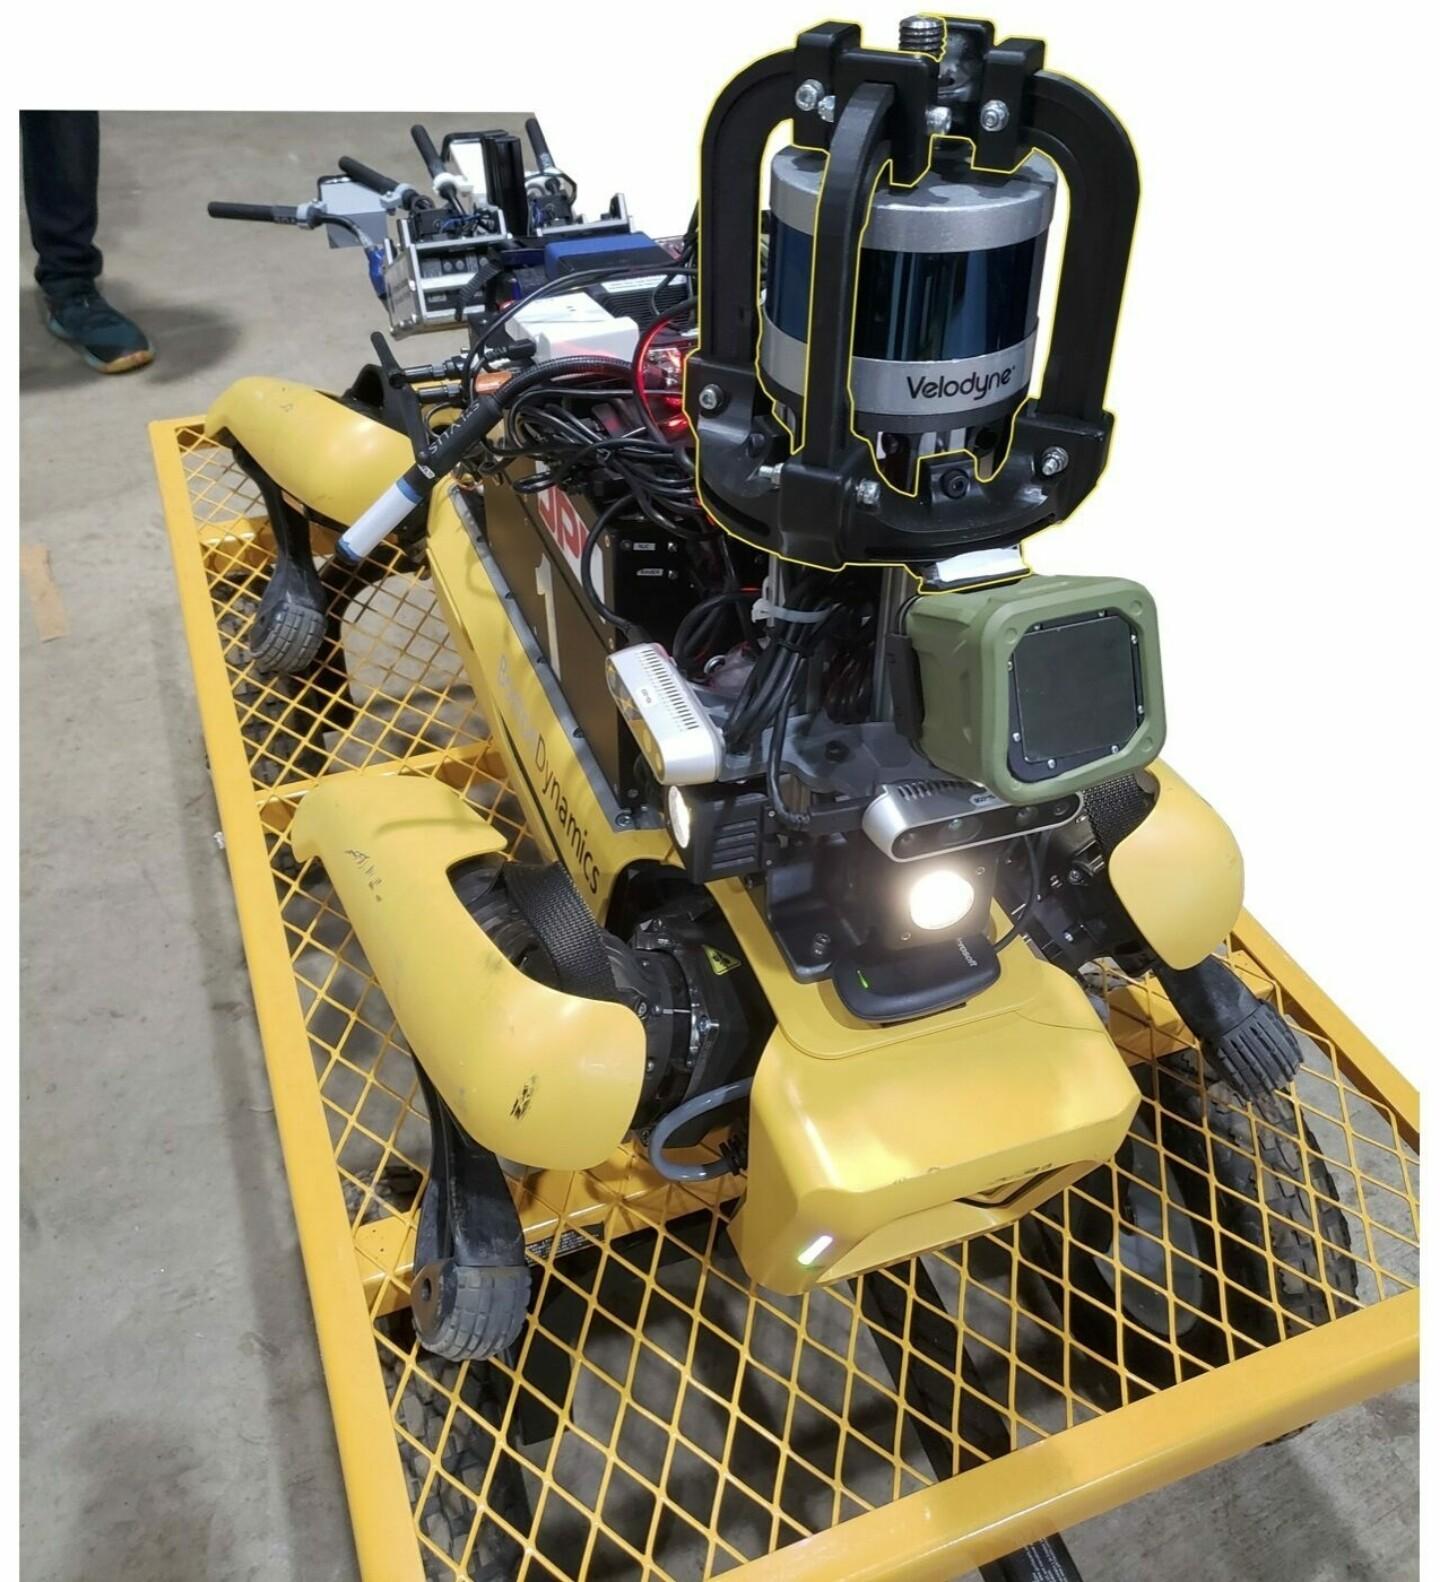 行星地下探索挑战赛,一机器人安装了15个3D打印部件|杭州博型3D打印